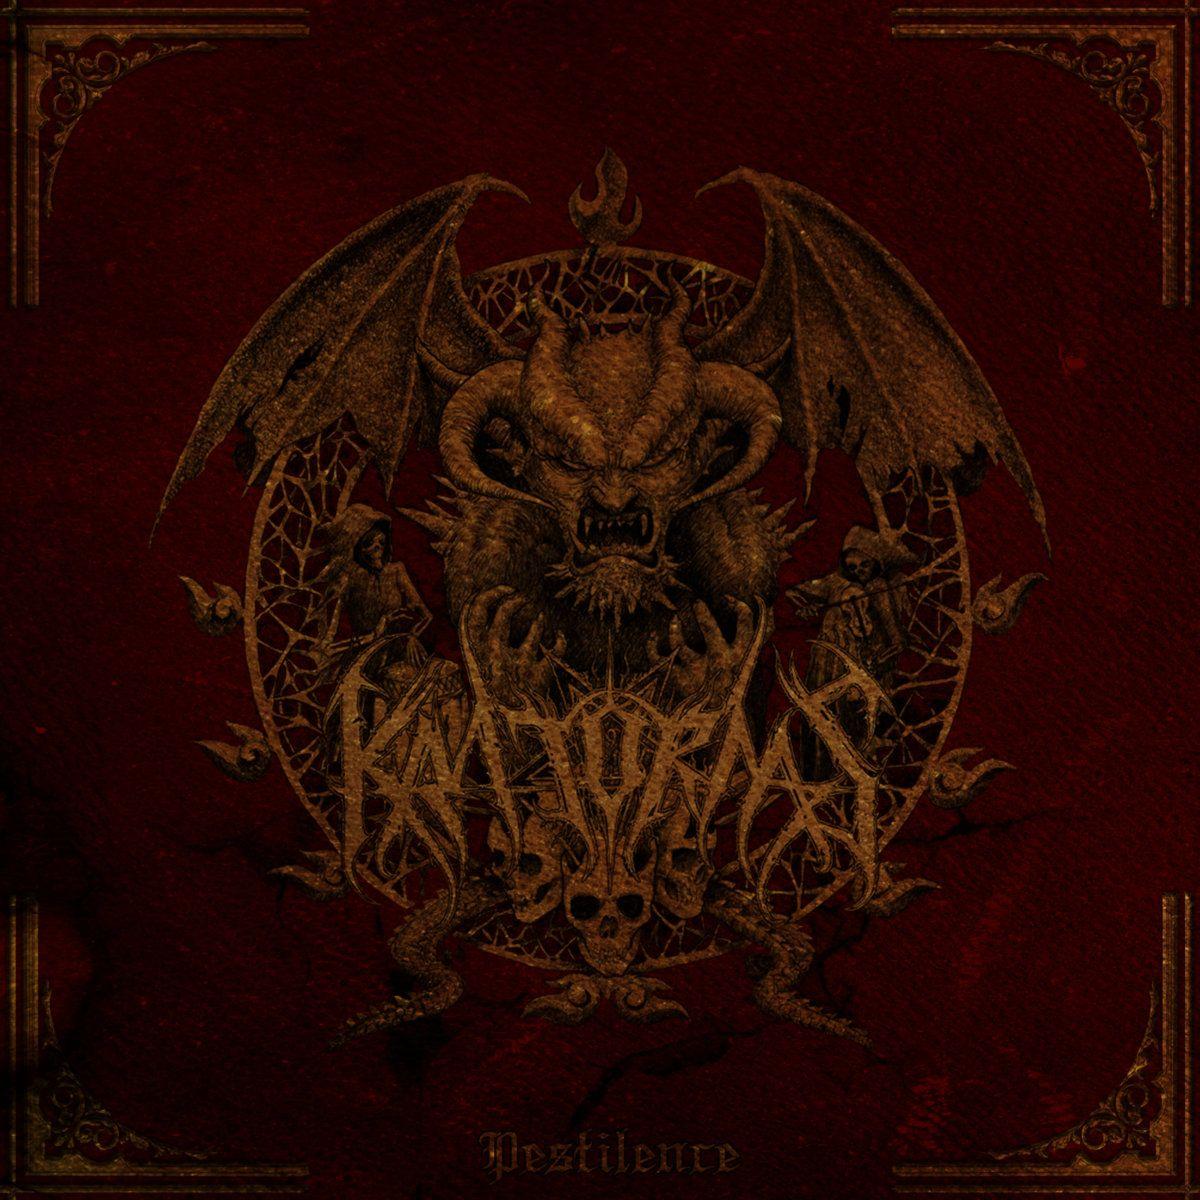 Review for Kratornas - Pestilence